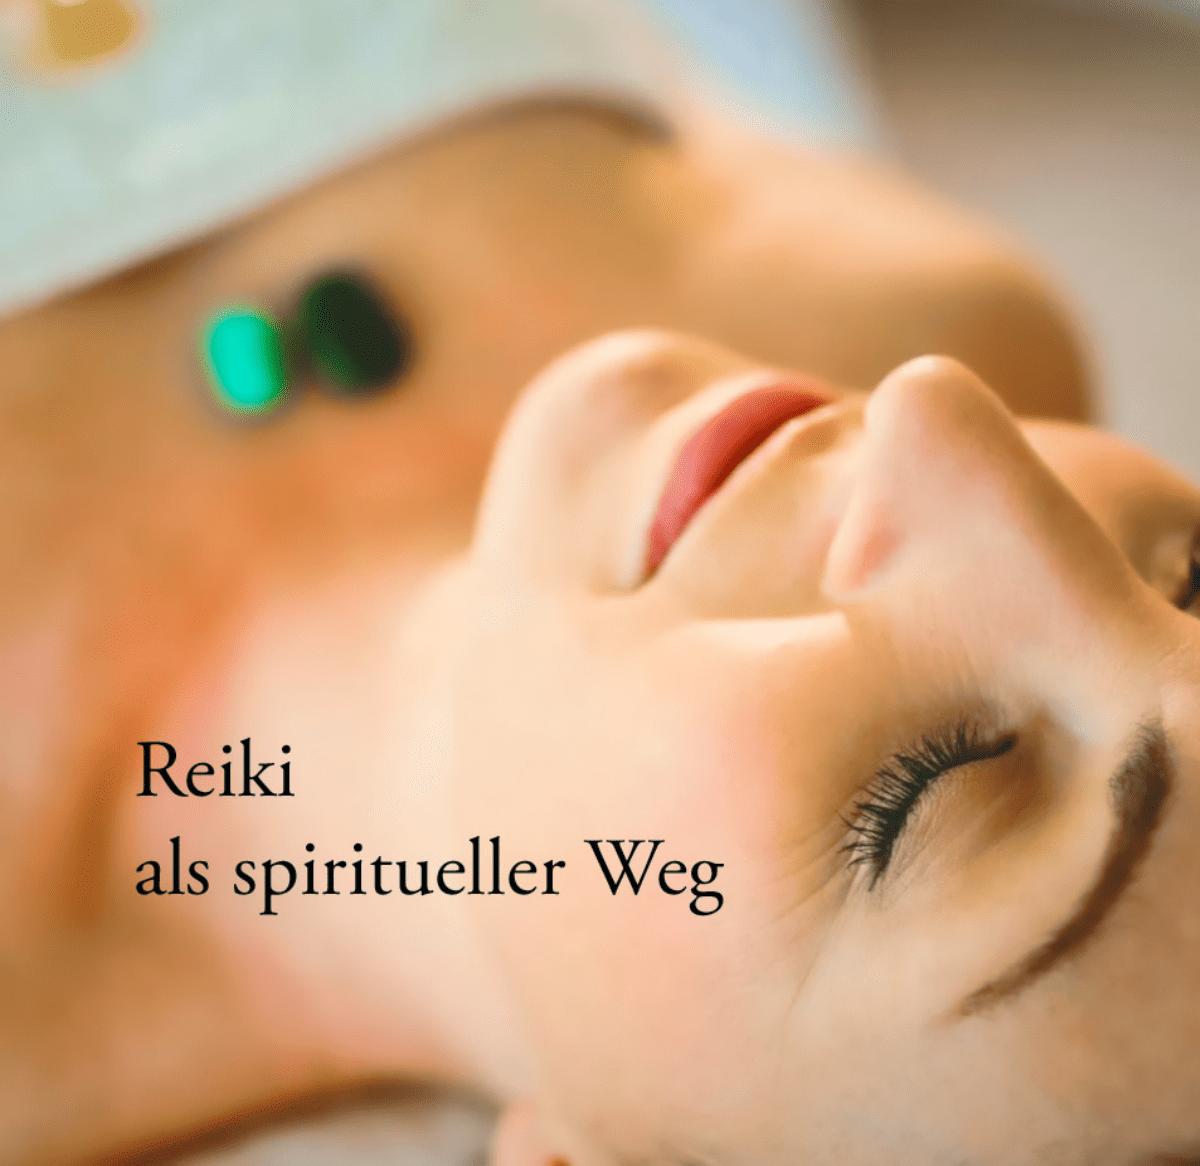 """Frau in einer Reiki Behandlung mit Beschriftung """"Reiki als spiritueller Weg"""". Symbolbild für die Klärung der Frage, was ist Reiki?"""